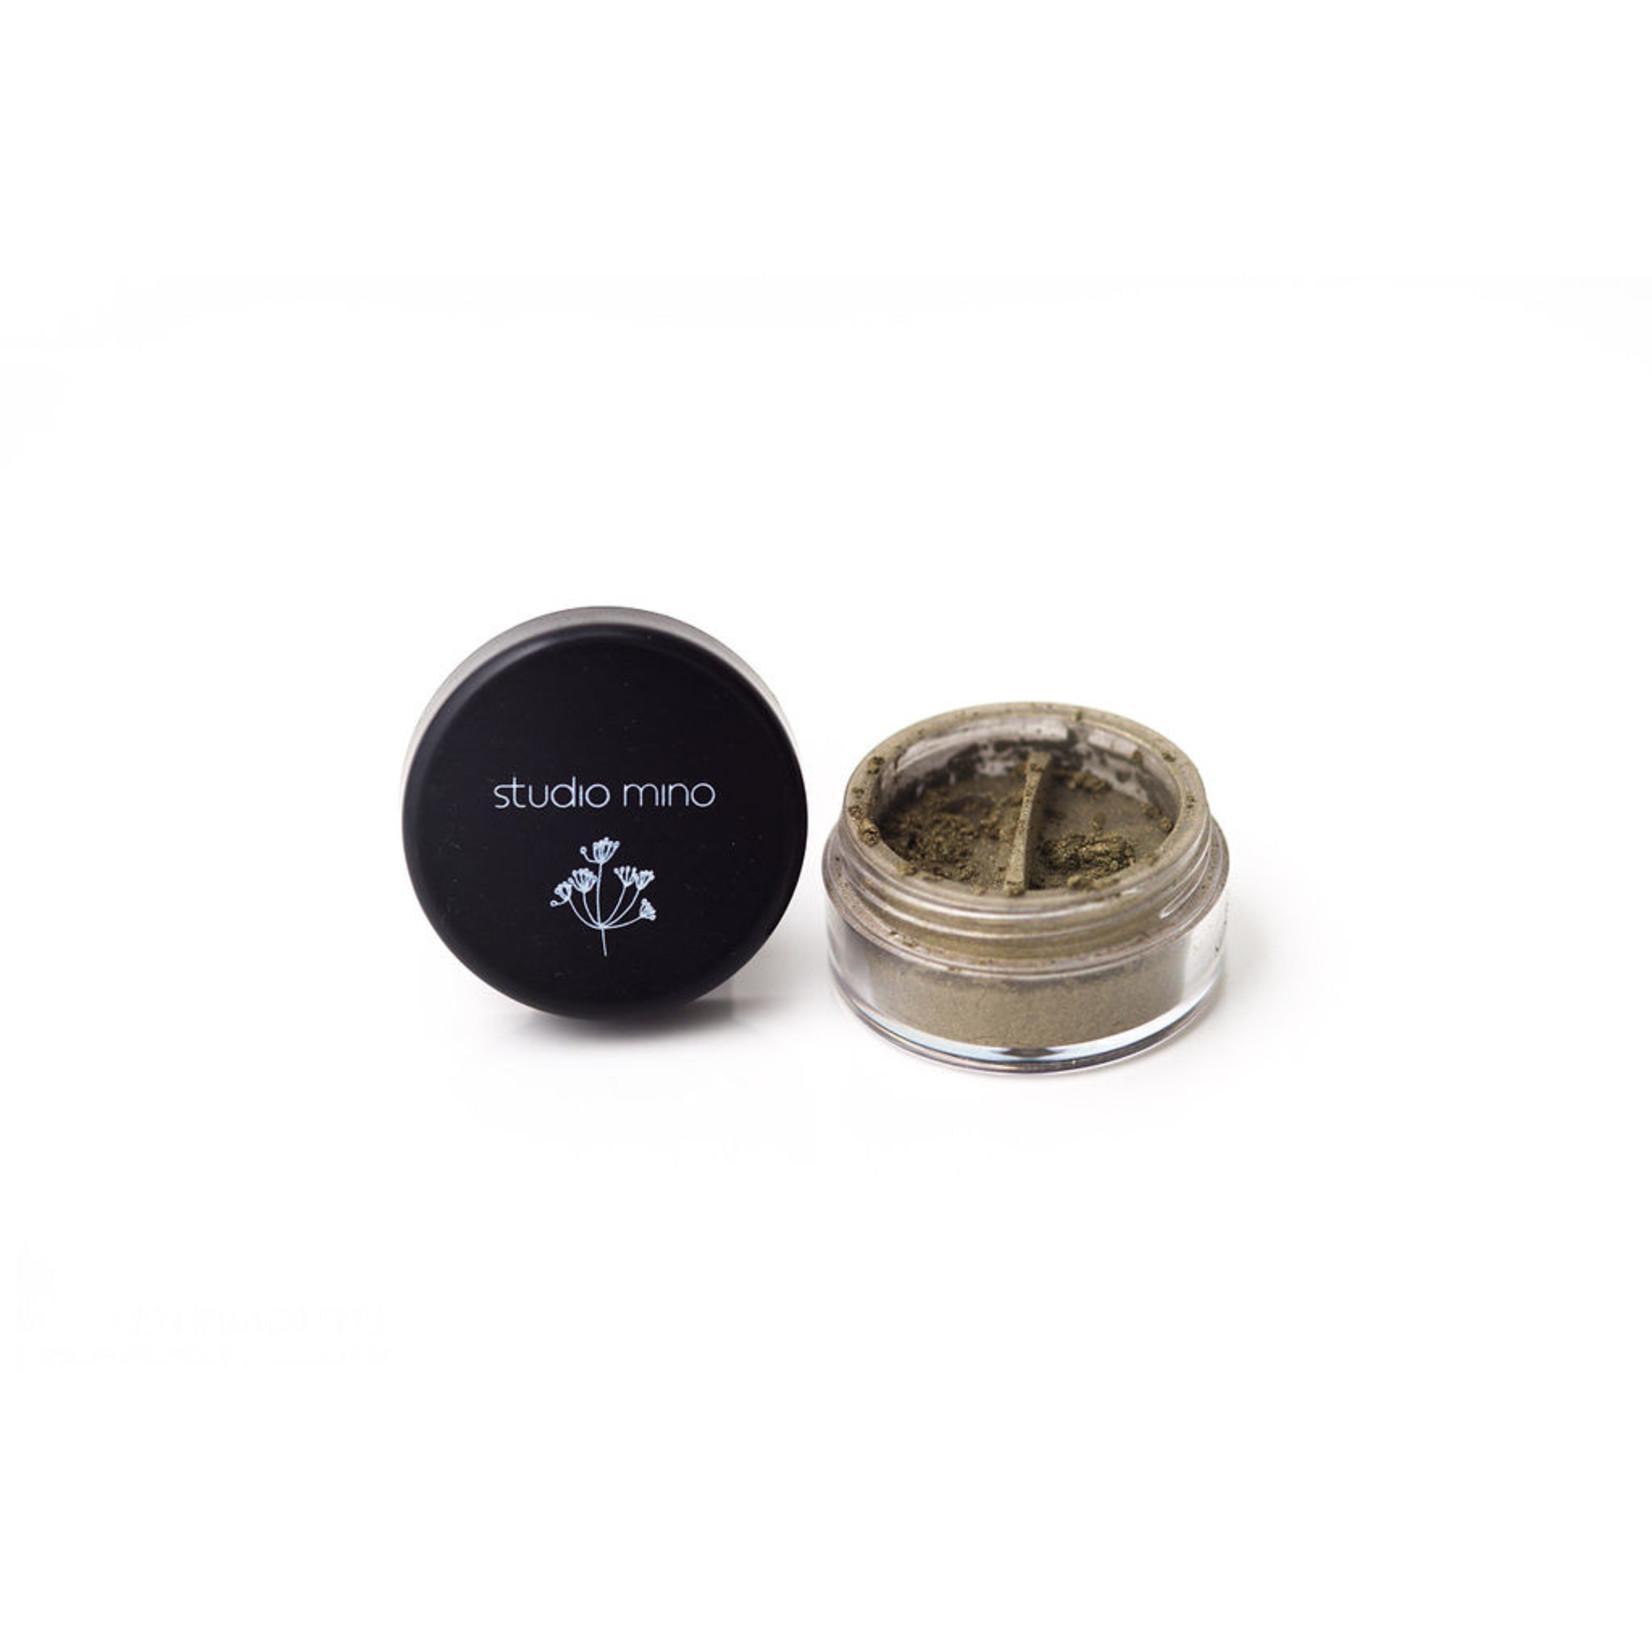 Studio mino Minerale losse oogschaduw moss